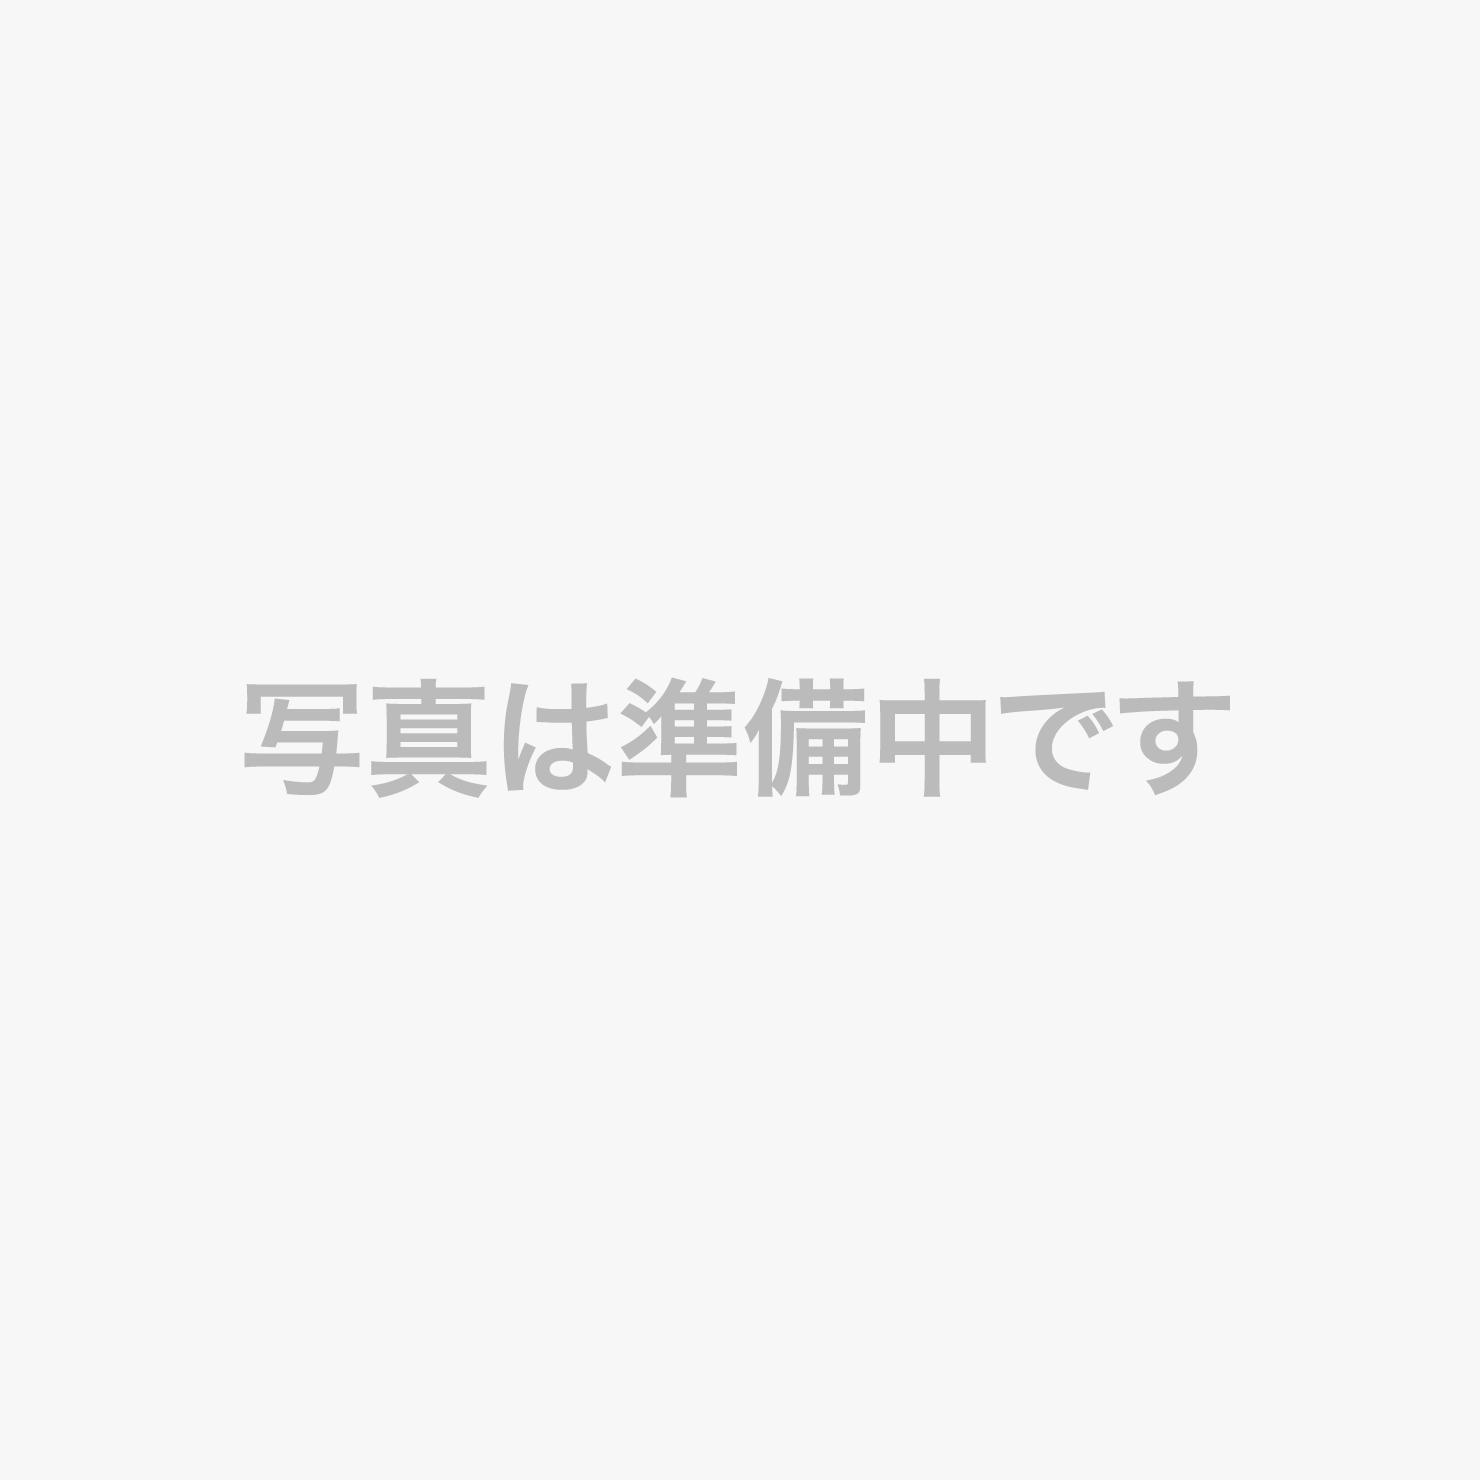 【暁の抄・洋室ツイン】檜の客室露天風呂(沸かし湯)にてごゆっくりお寛ぎください。